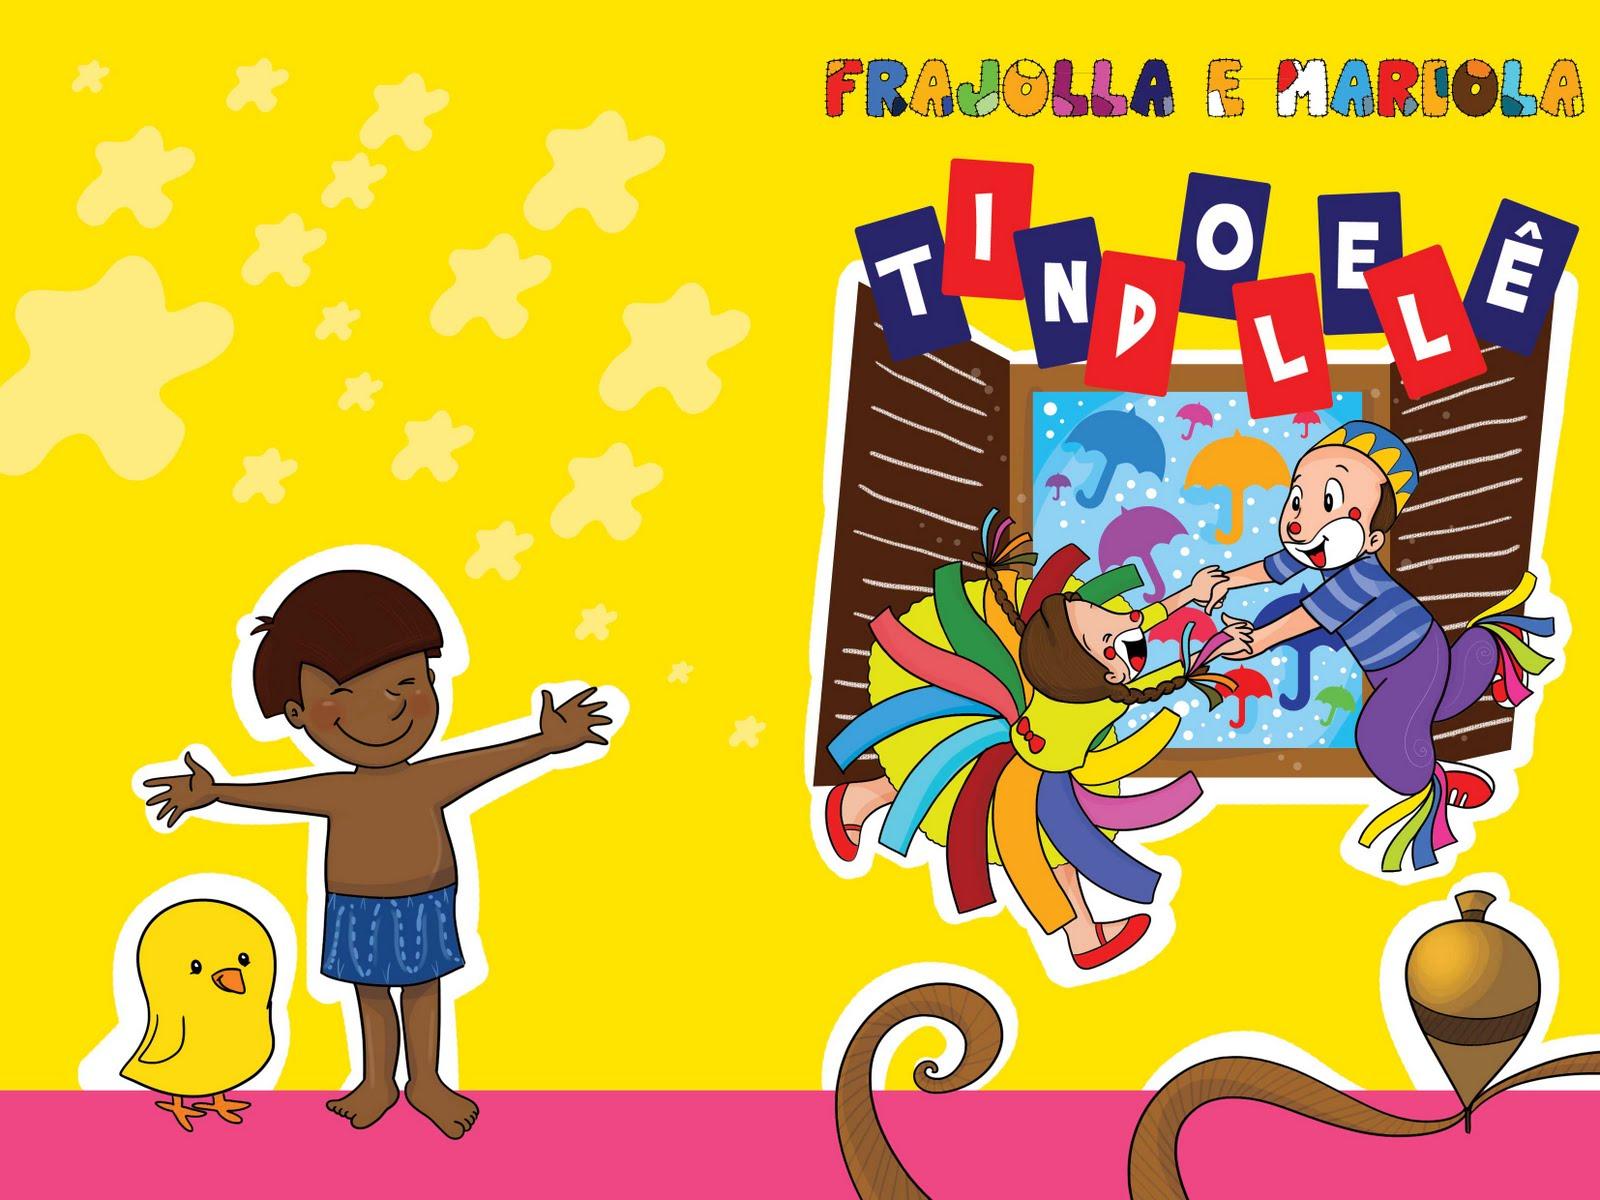 Para A Capa Do DVD Do Grupo Folclorista Frajolla E Mariola  O CD